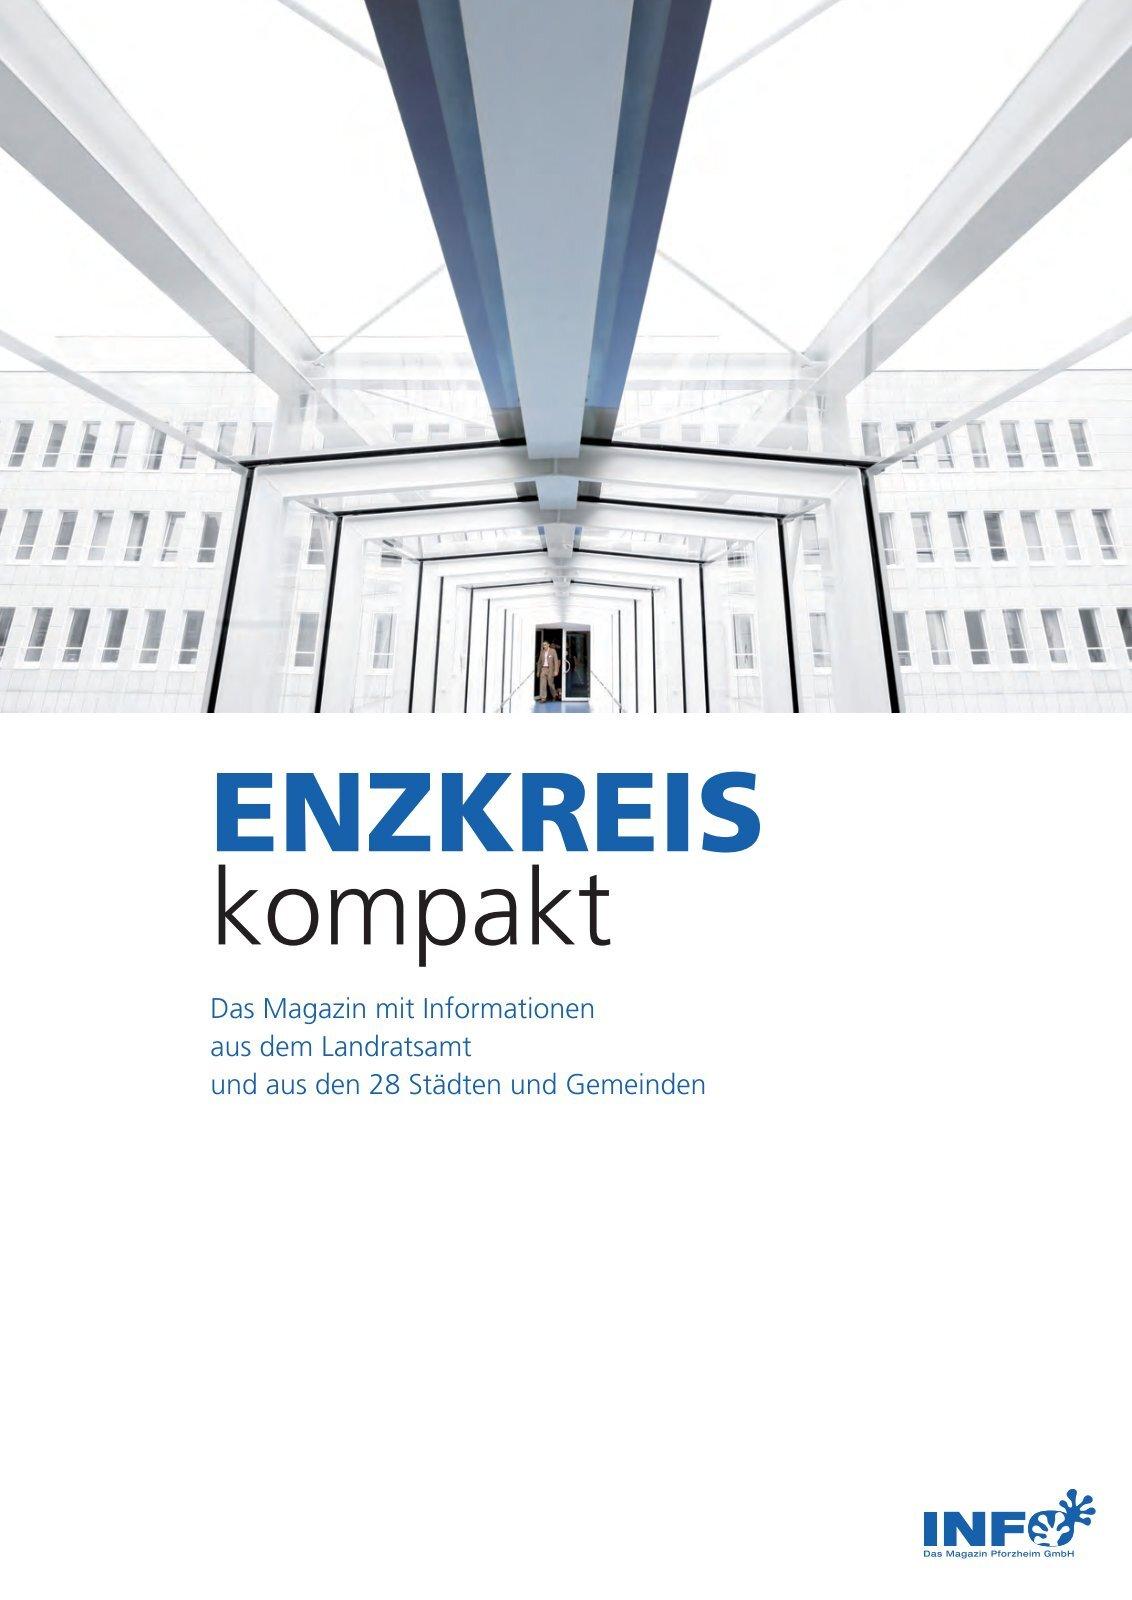 Enzkreis kompakt 2016